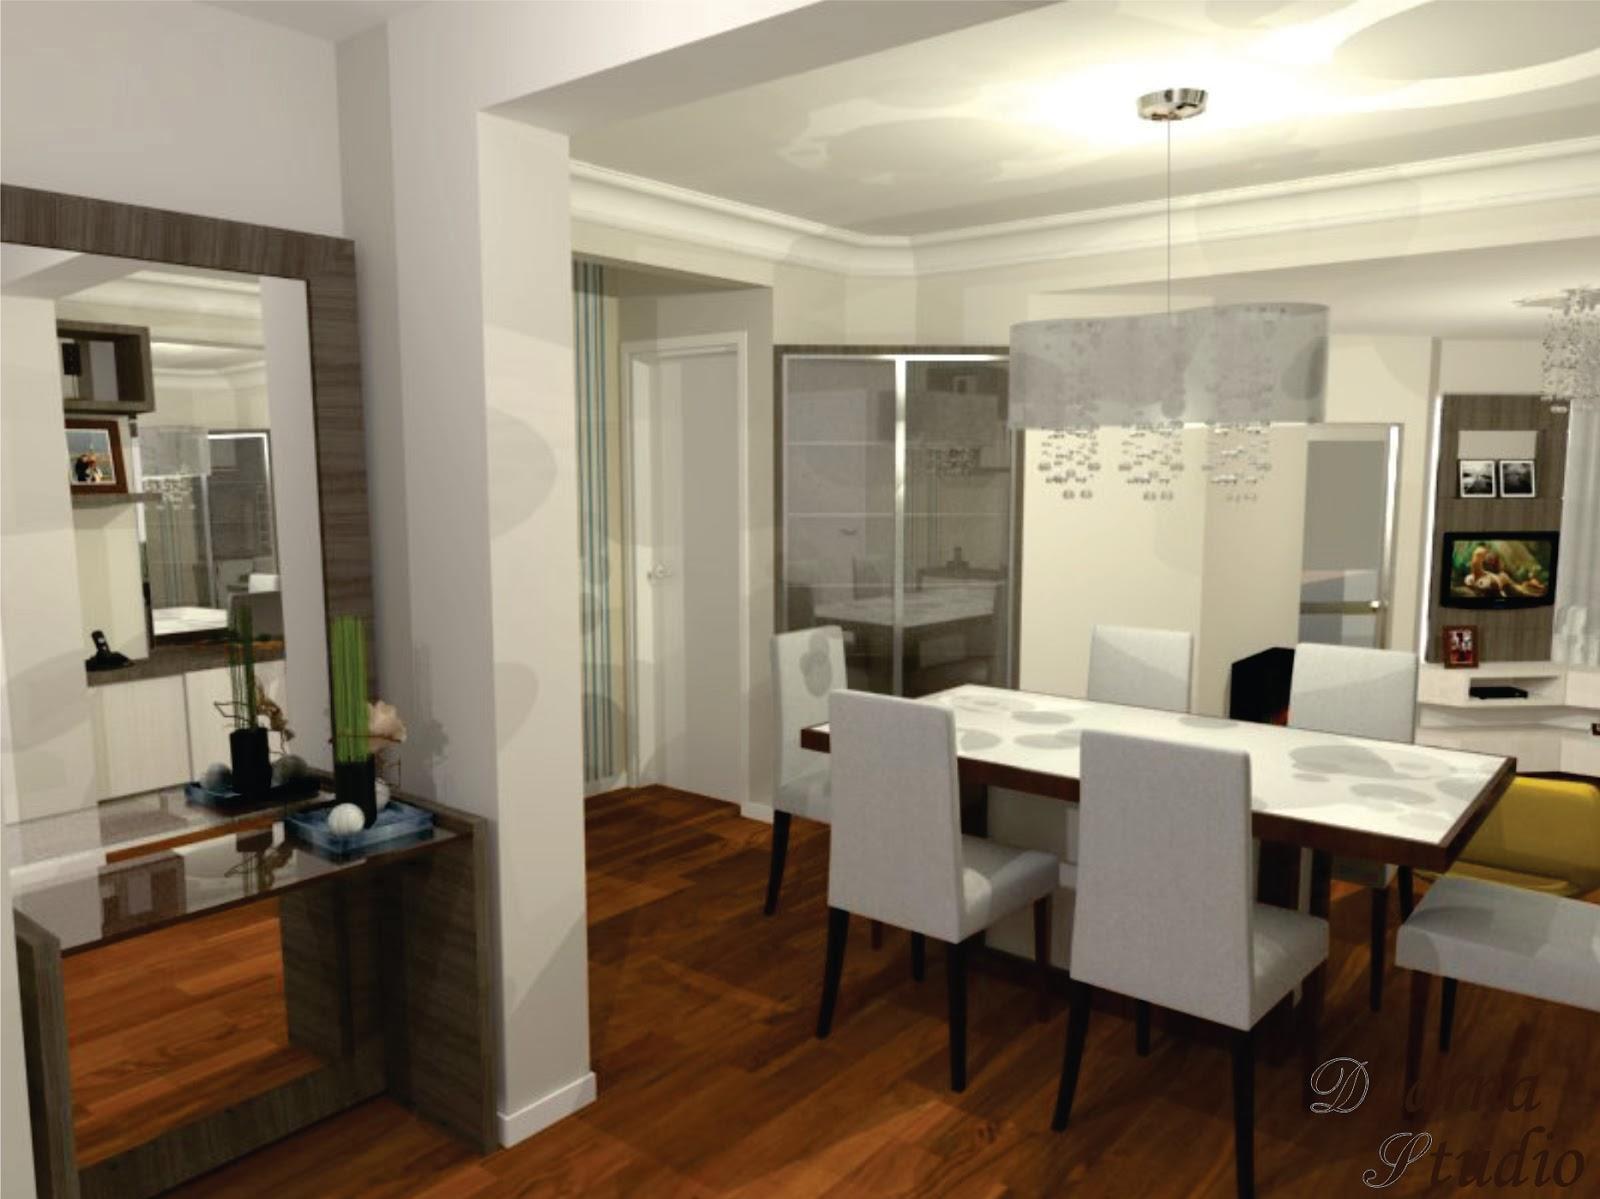 sala de estar sala de jantar salas salas de estar e jantar #A38328 1600 1199